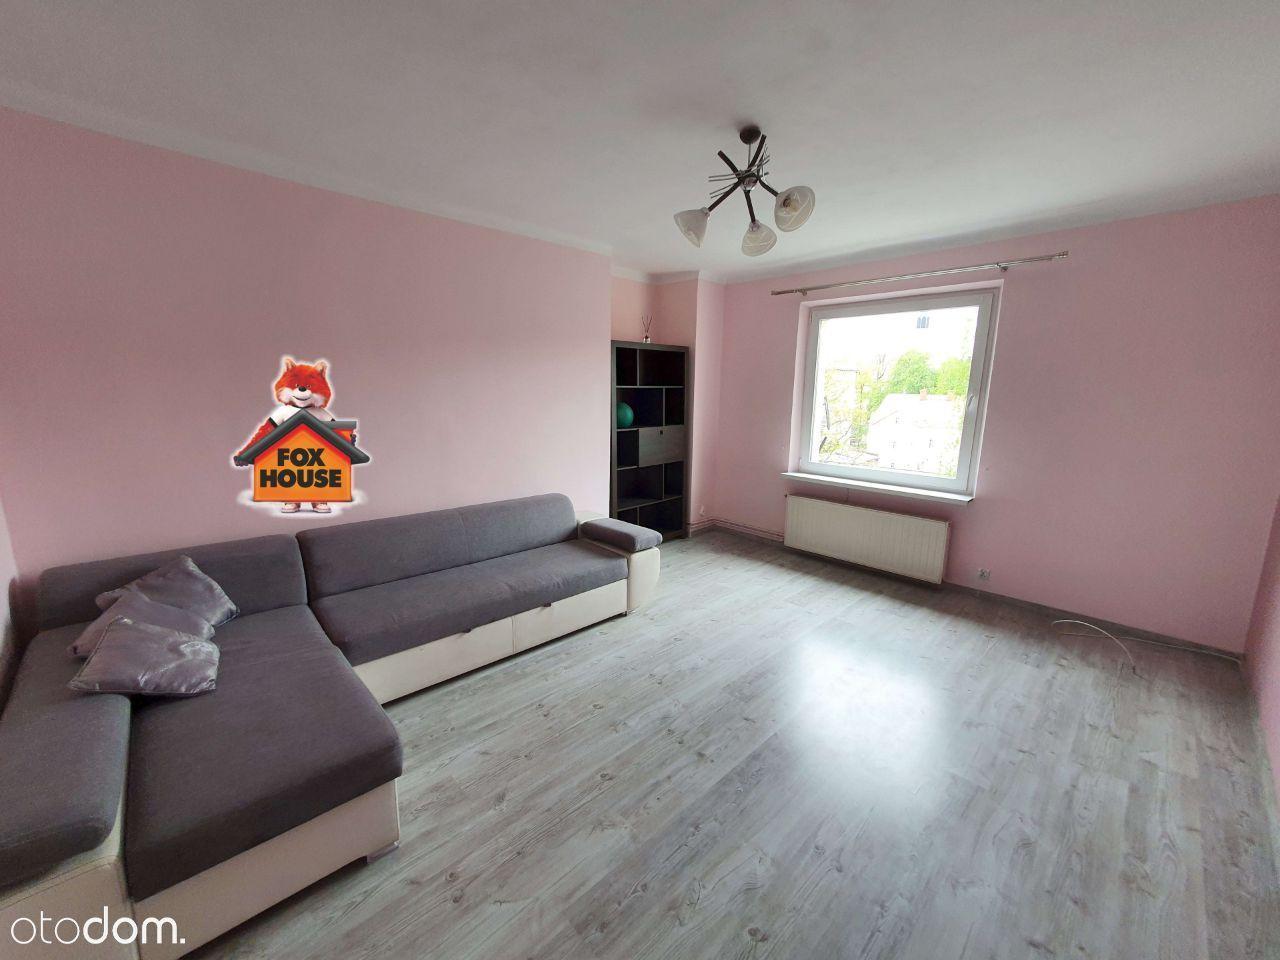 2-pokojowe umeblowane mieszkanie do wynajęcia